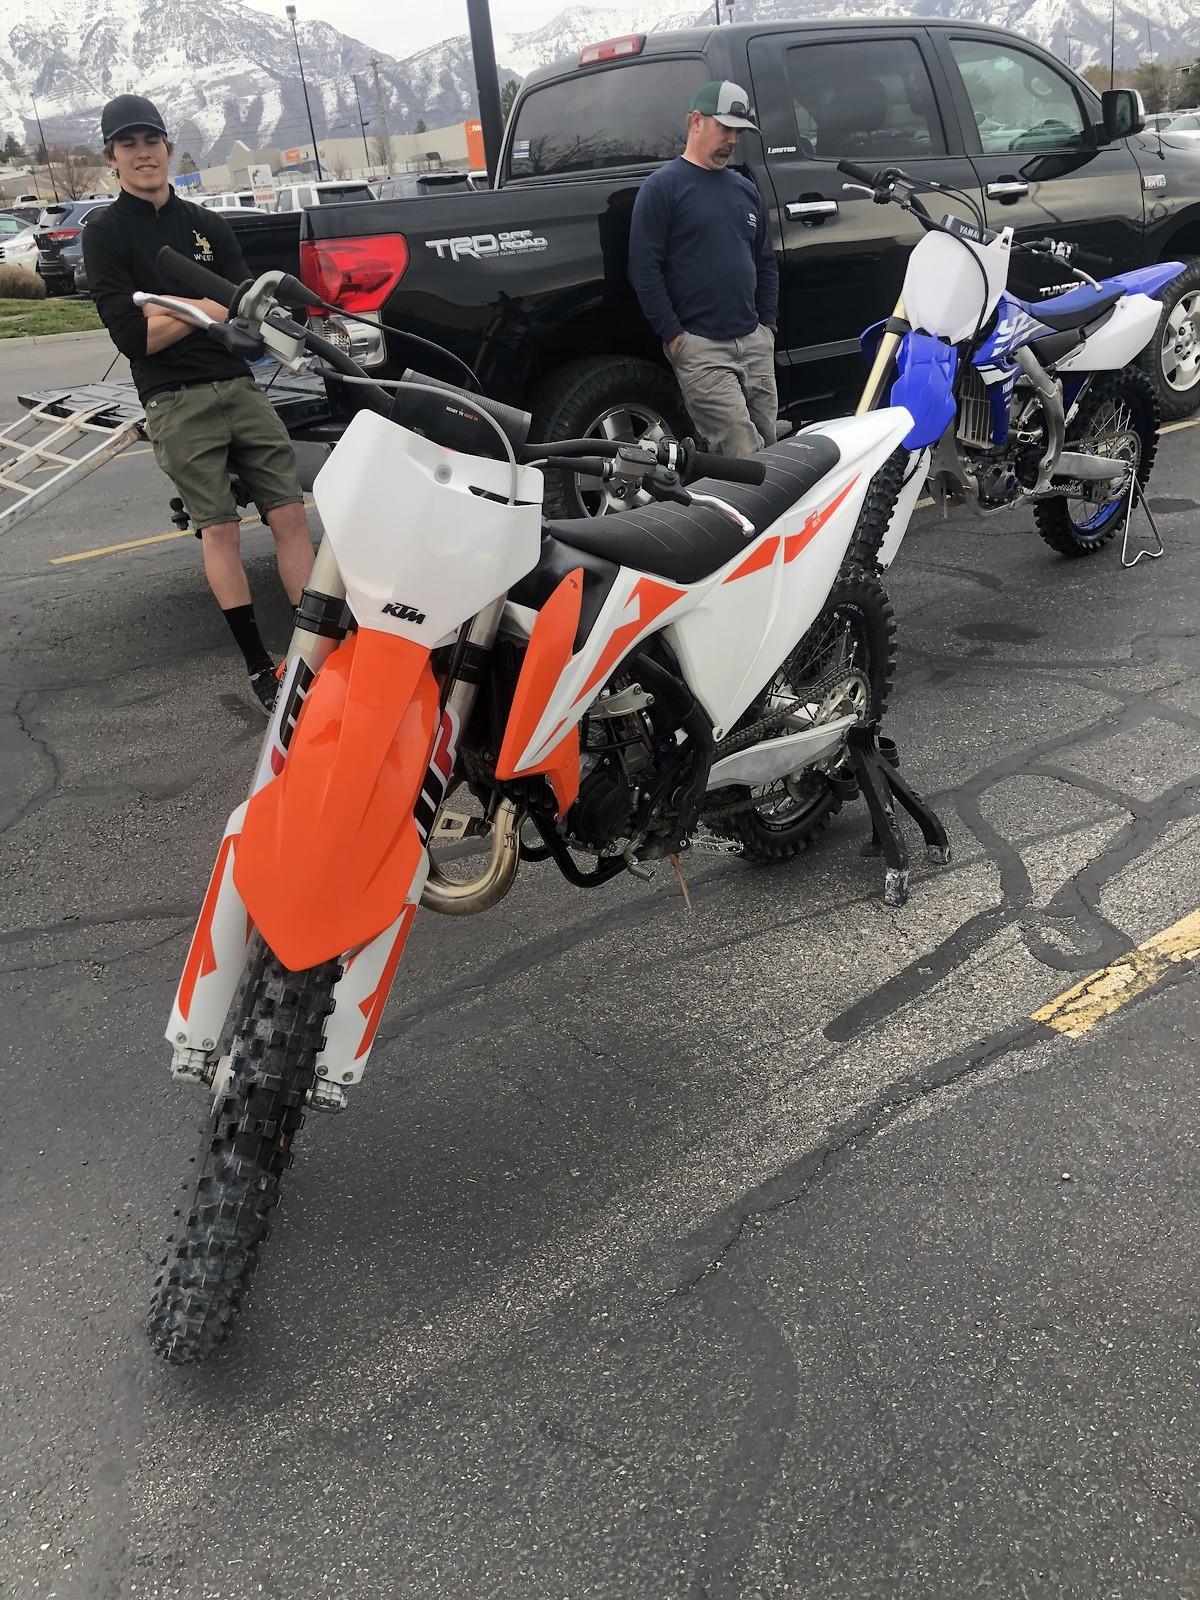 F47A849C-9004-46D4-8867-D806B513A200 - Chris5406 - Motocross Pictures - Vital MX